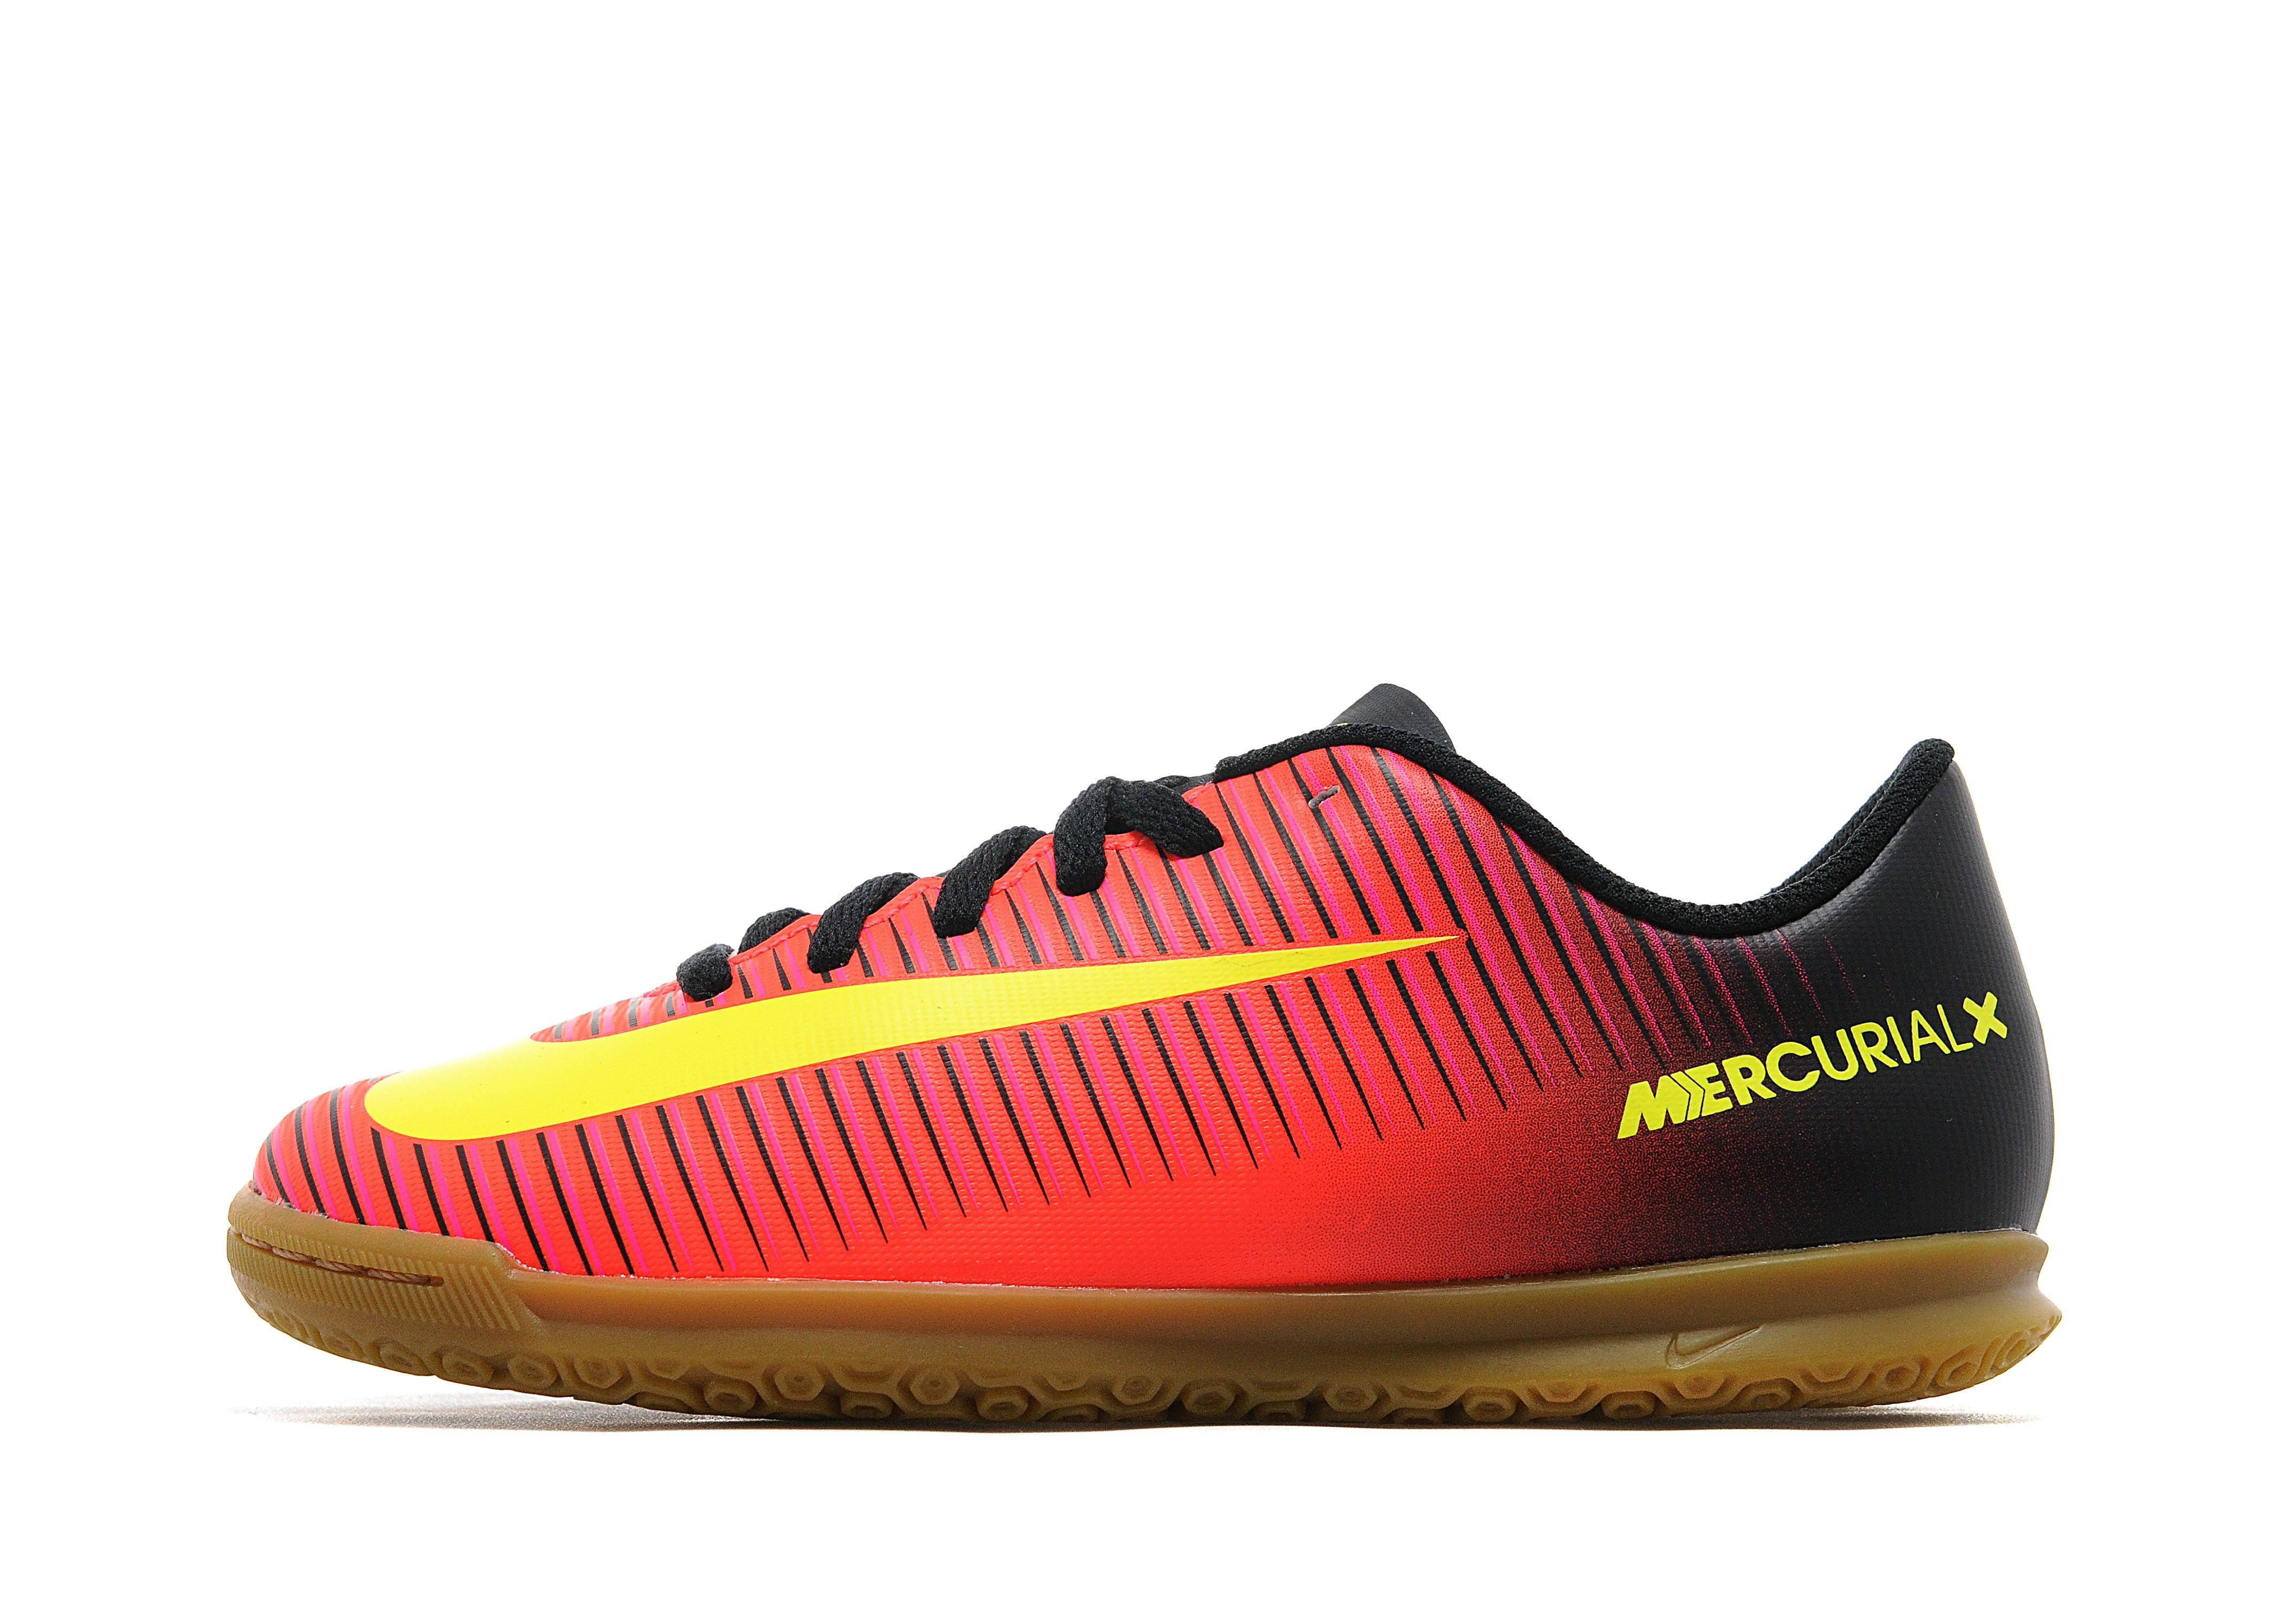 Nike Spark Brilliance Mercurial Vortex III IC Children